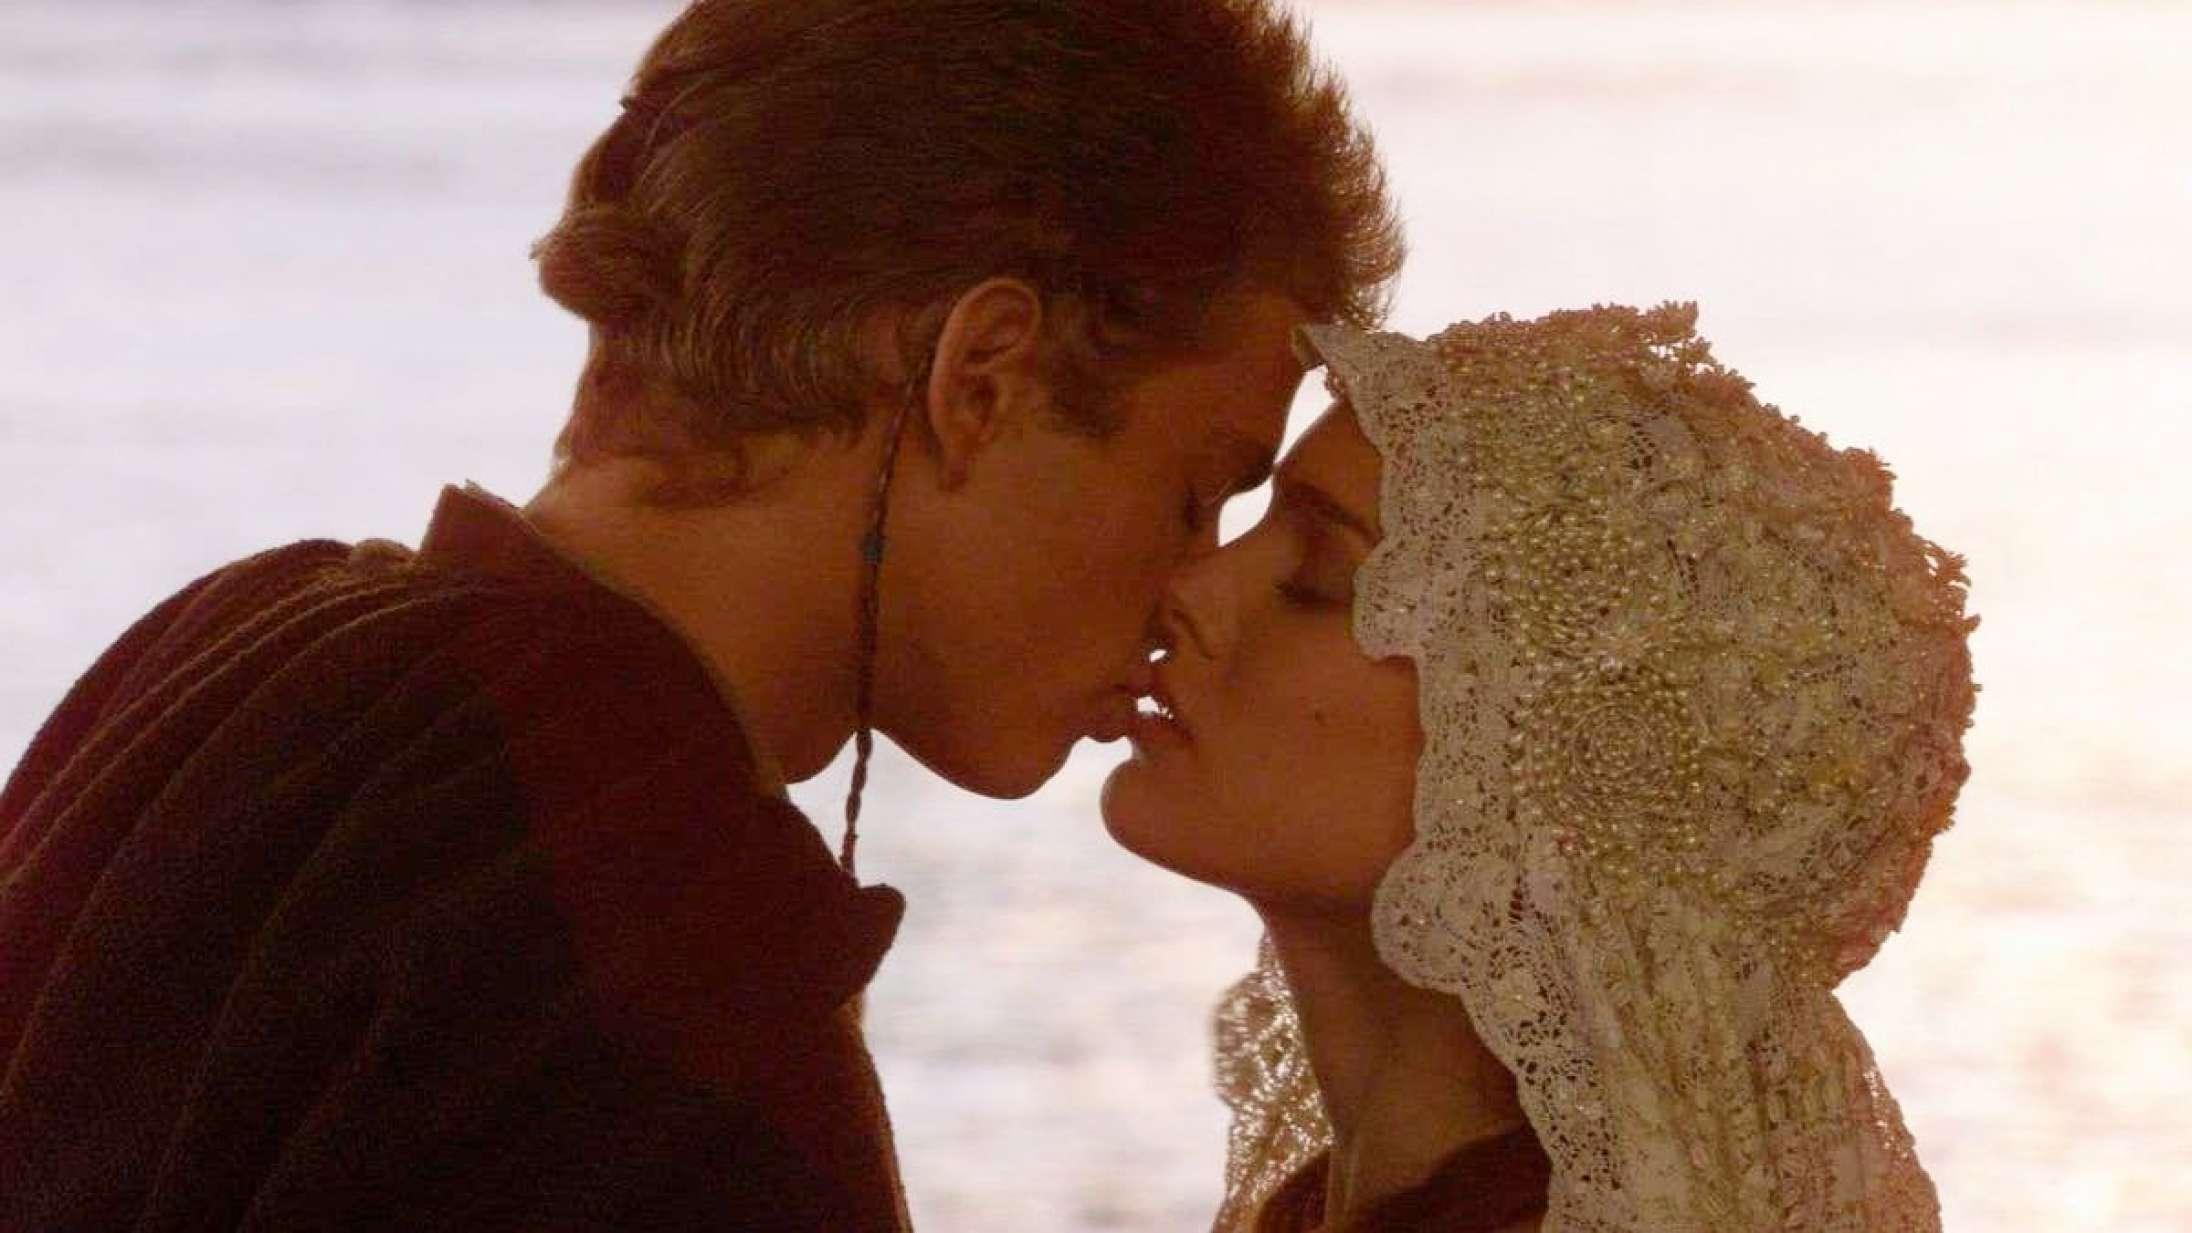 George Lucas forsvarer corny 'Star Wars'-dialog: »De fleste forstår ikke 'Star Wars' stil«